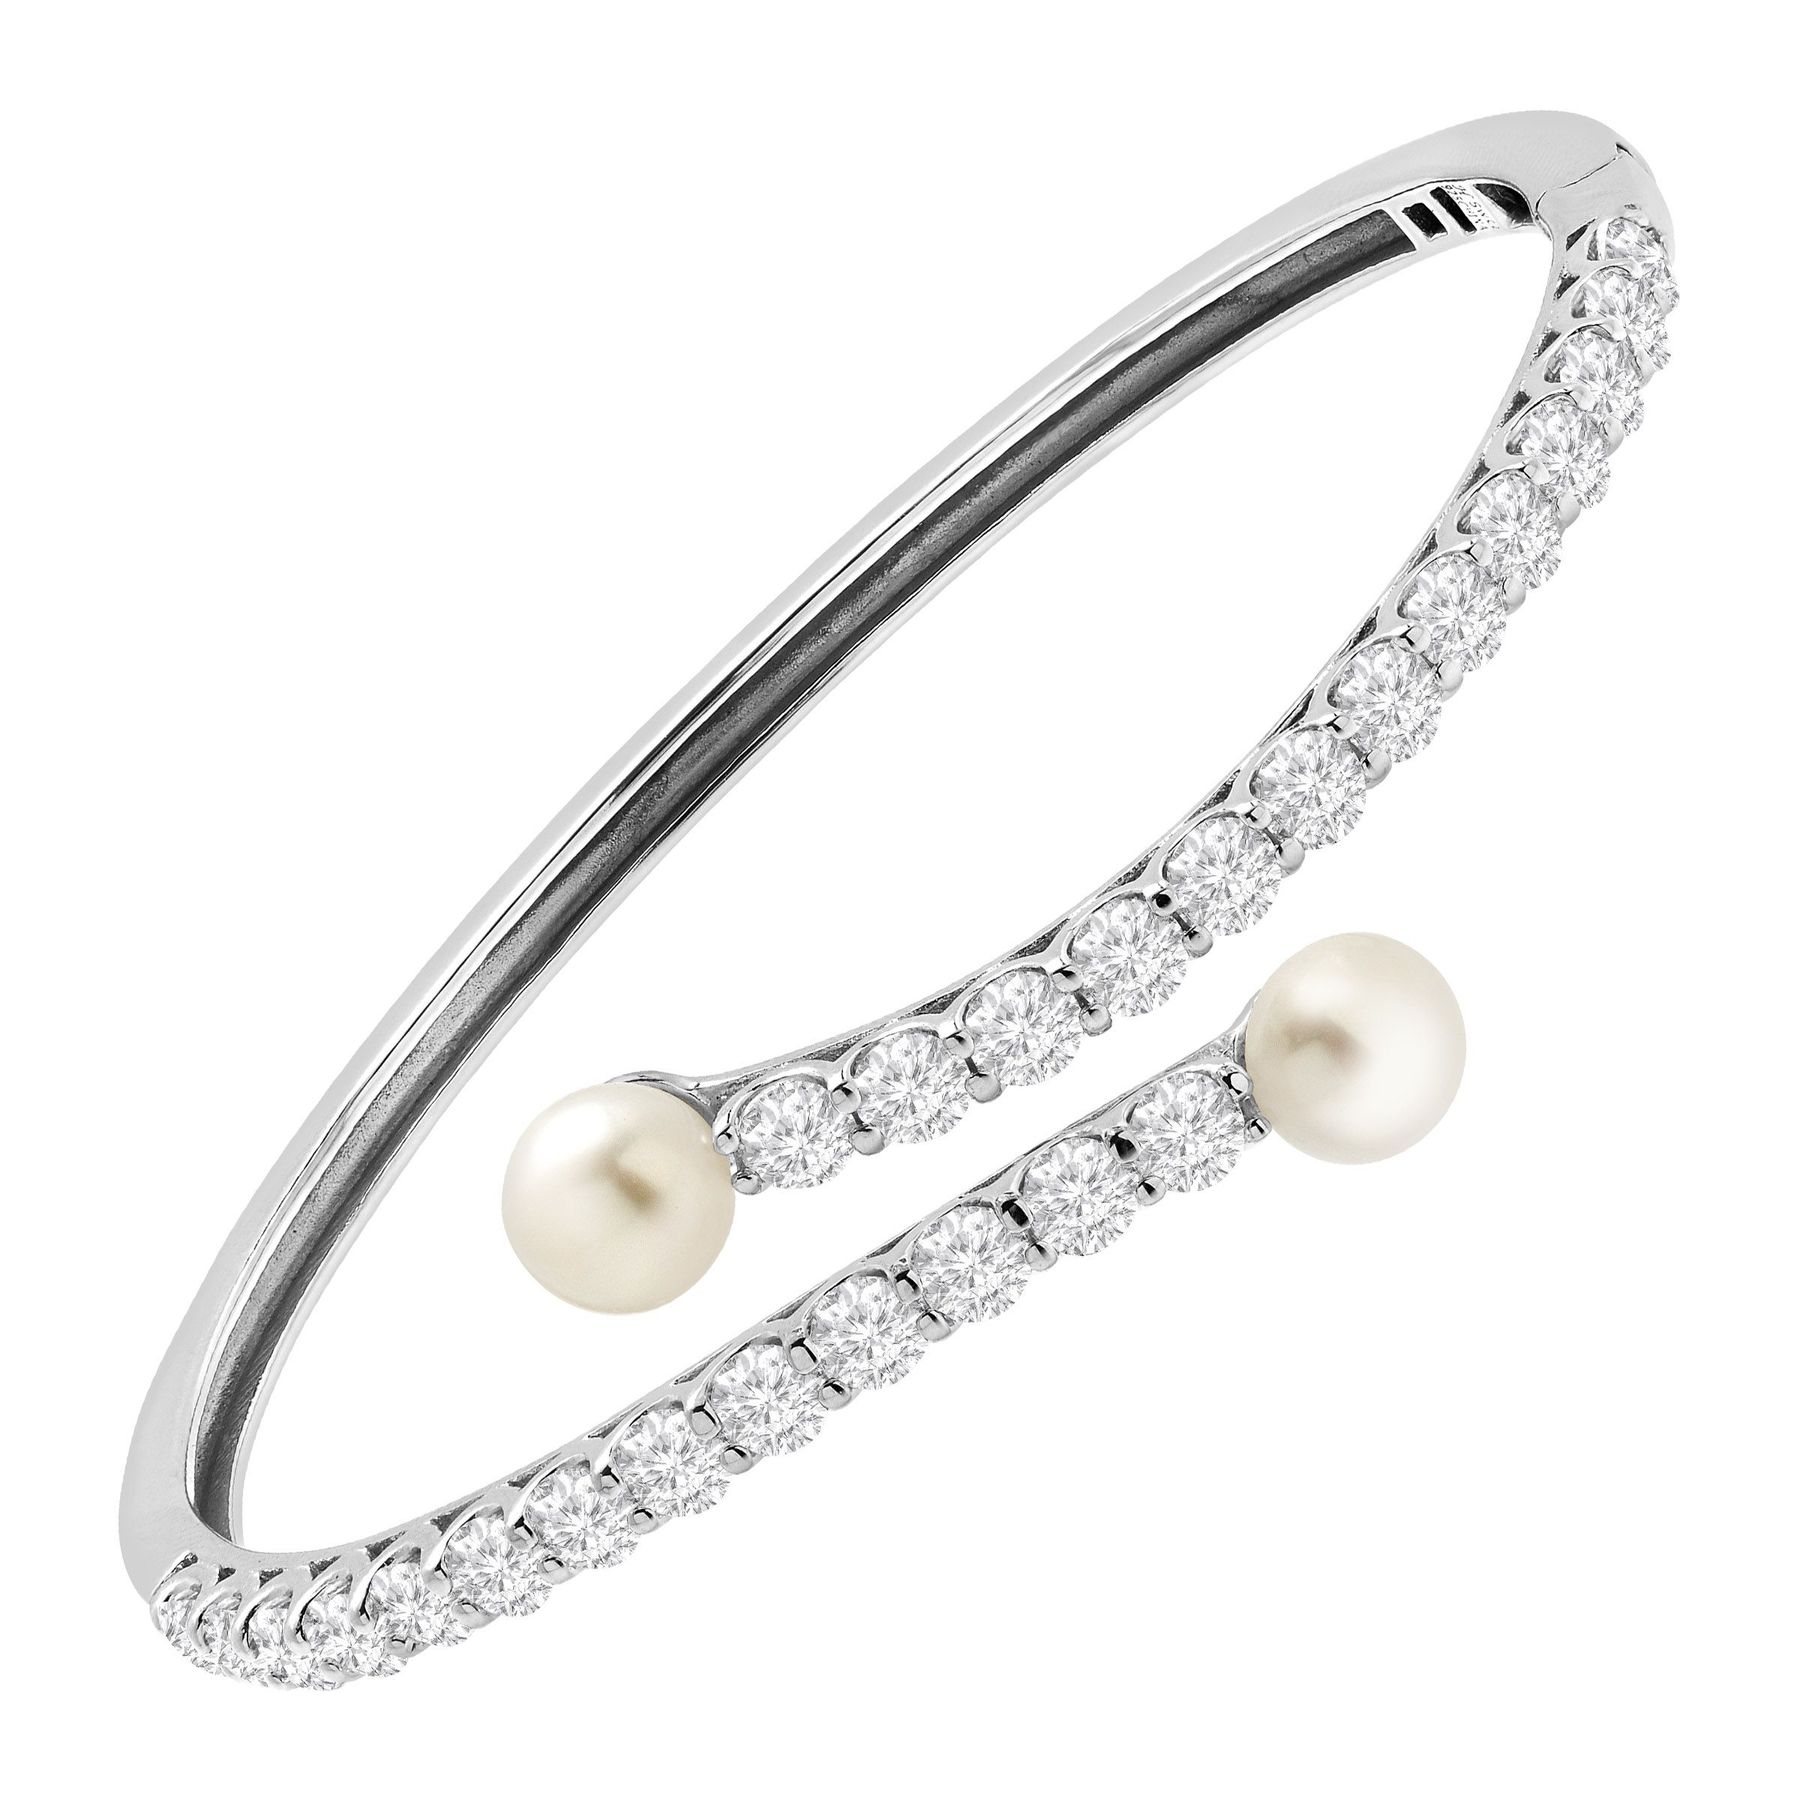 6 7 Mm Pearl Byp Bangle Bracelet With Swarovski Zirconia